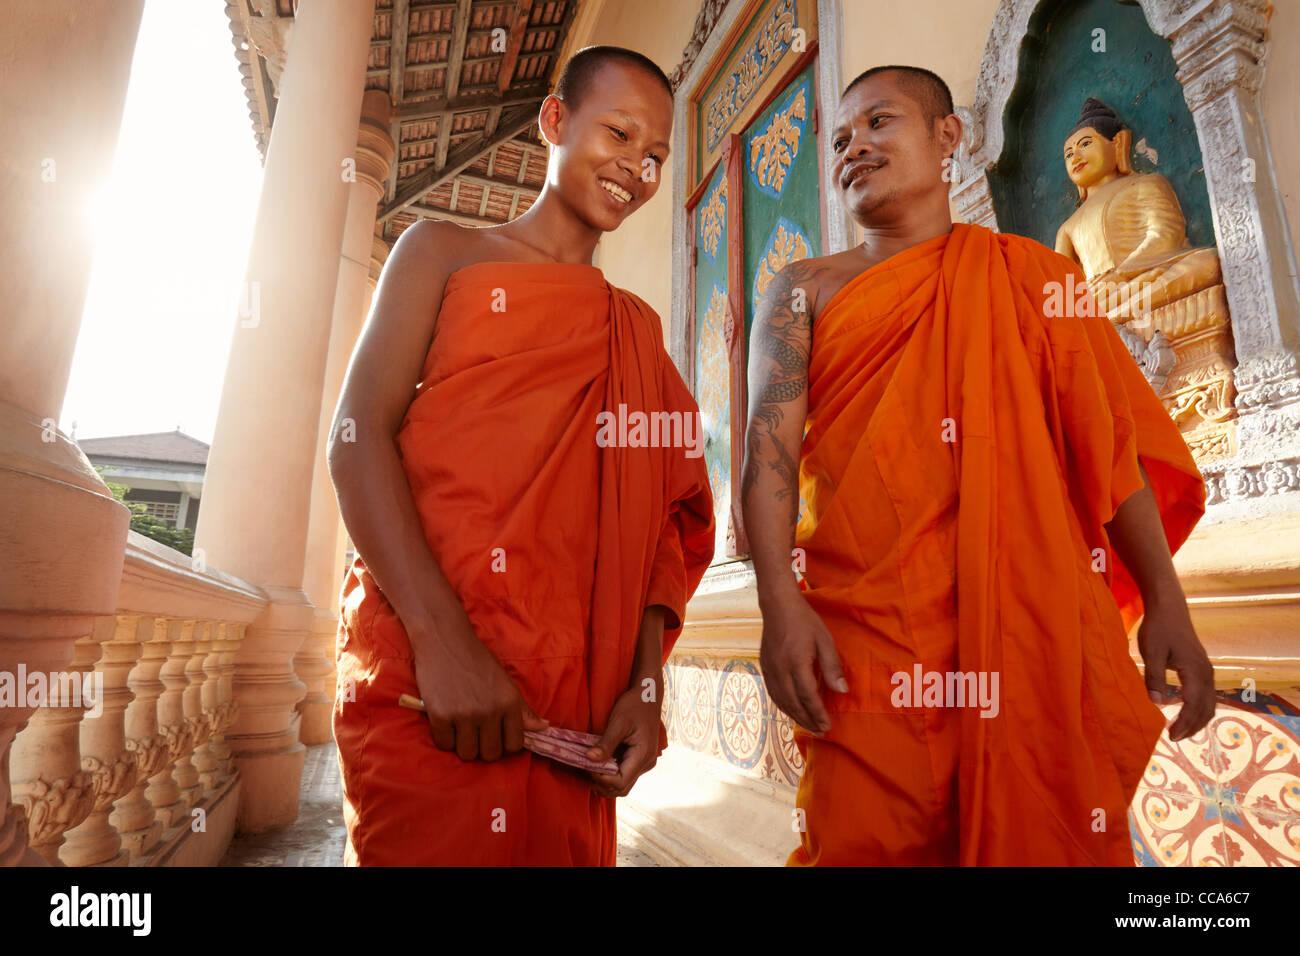 Réunion de deux moines bouddhistes et en saluant dans un temple, Phnom Penh, Cambodge, Asie,. Dolly shot Photo Stock